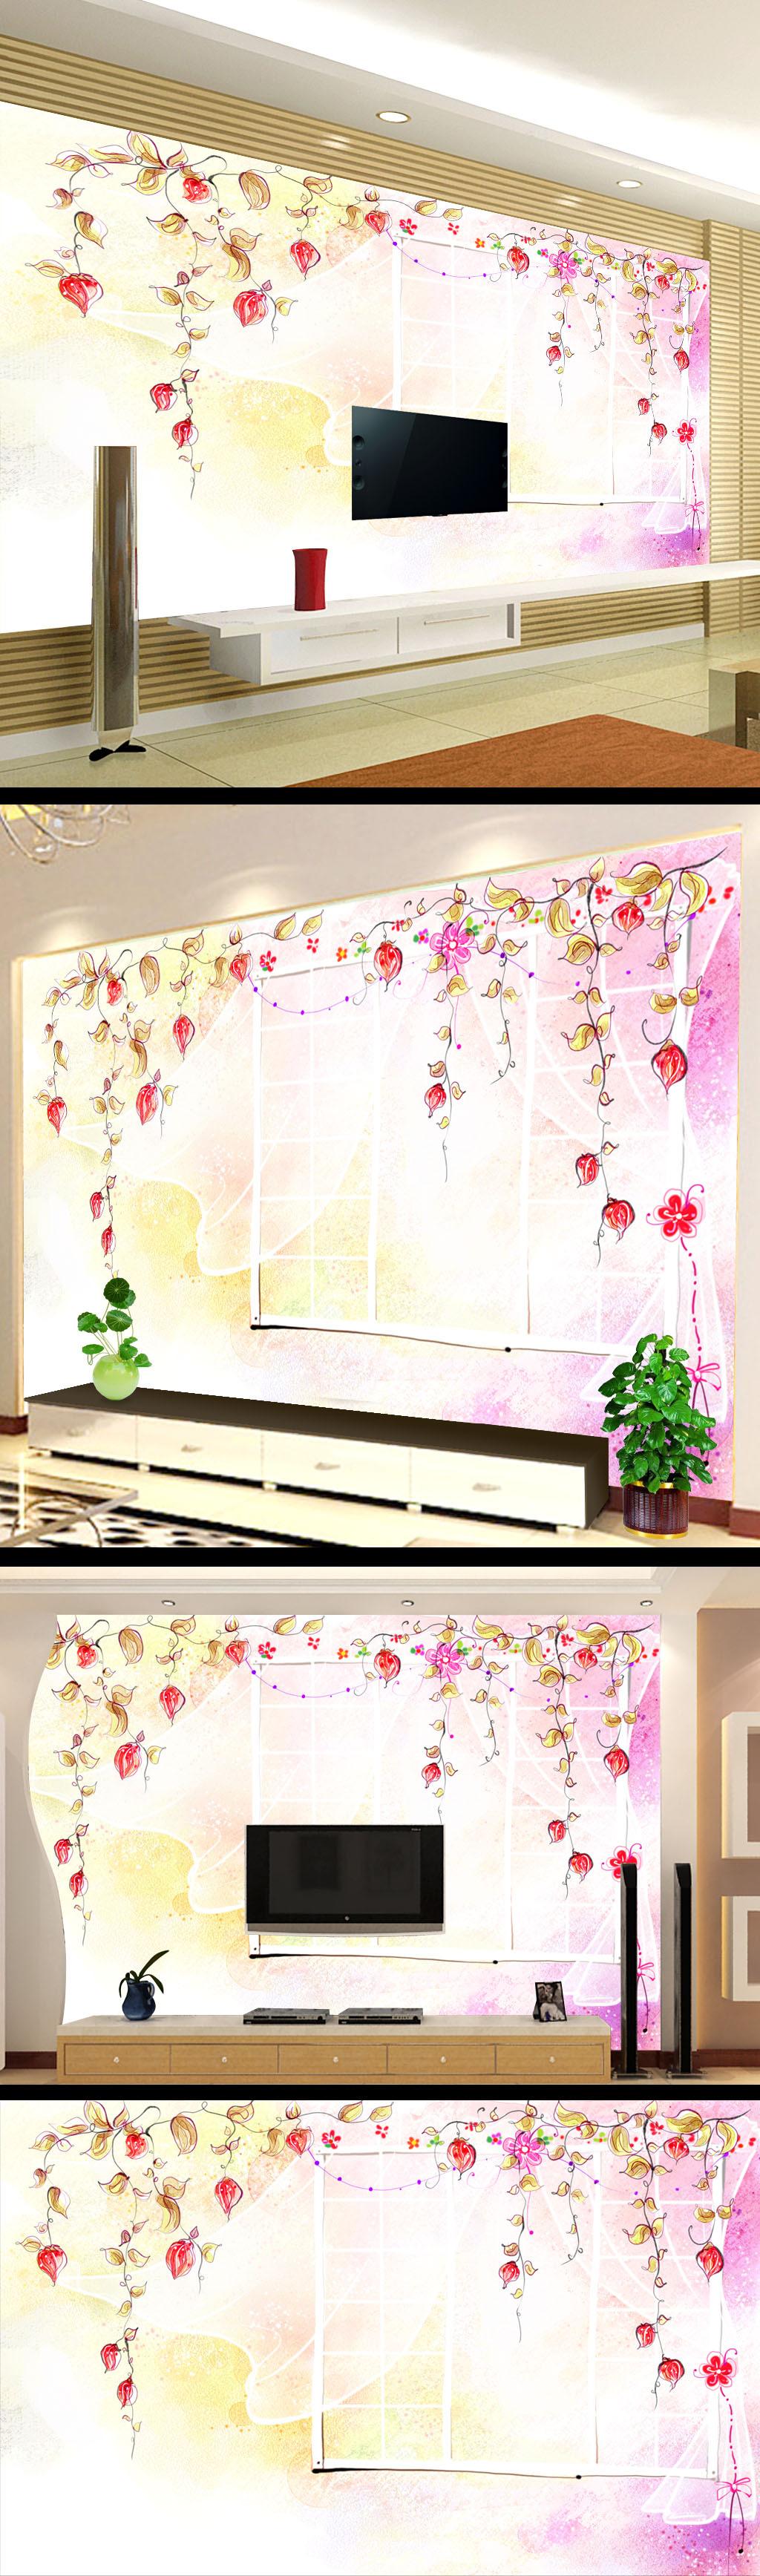 小清新儿童卡通画电视背景墙设计